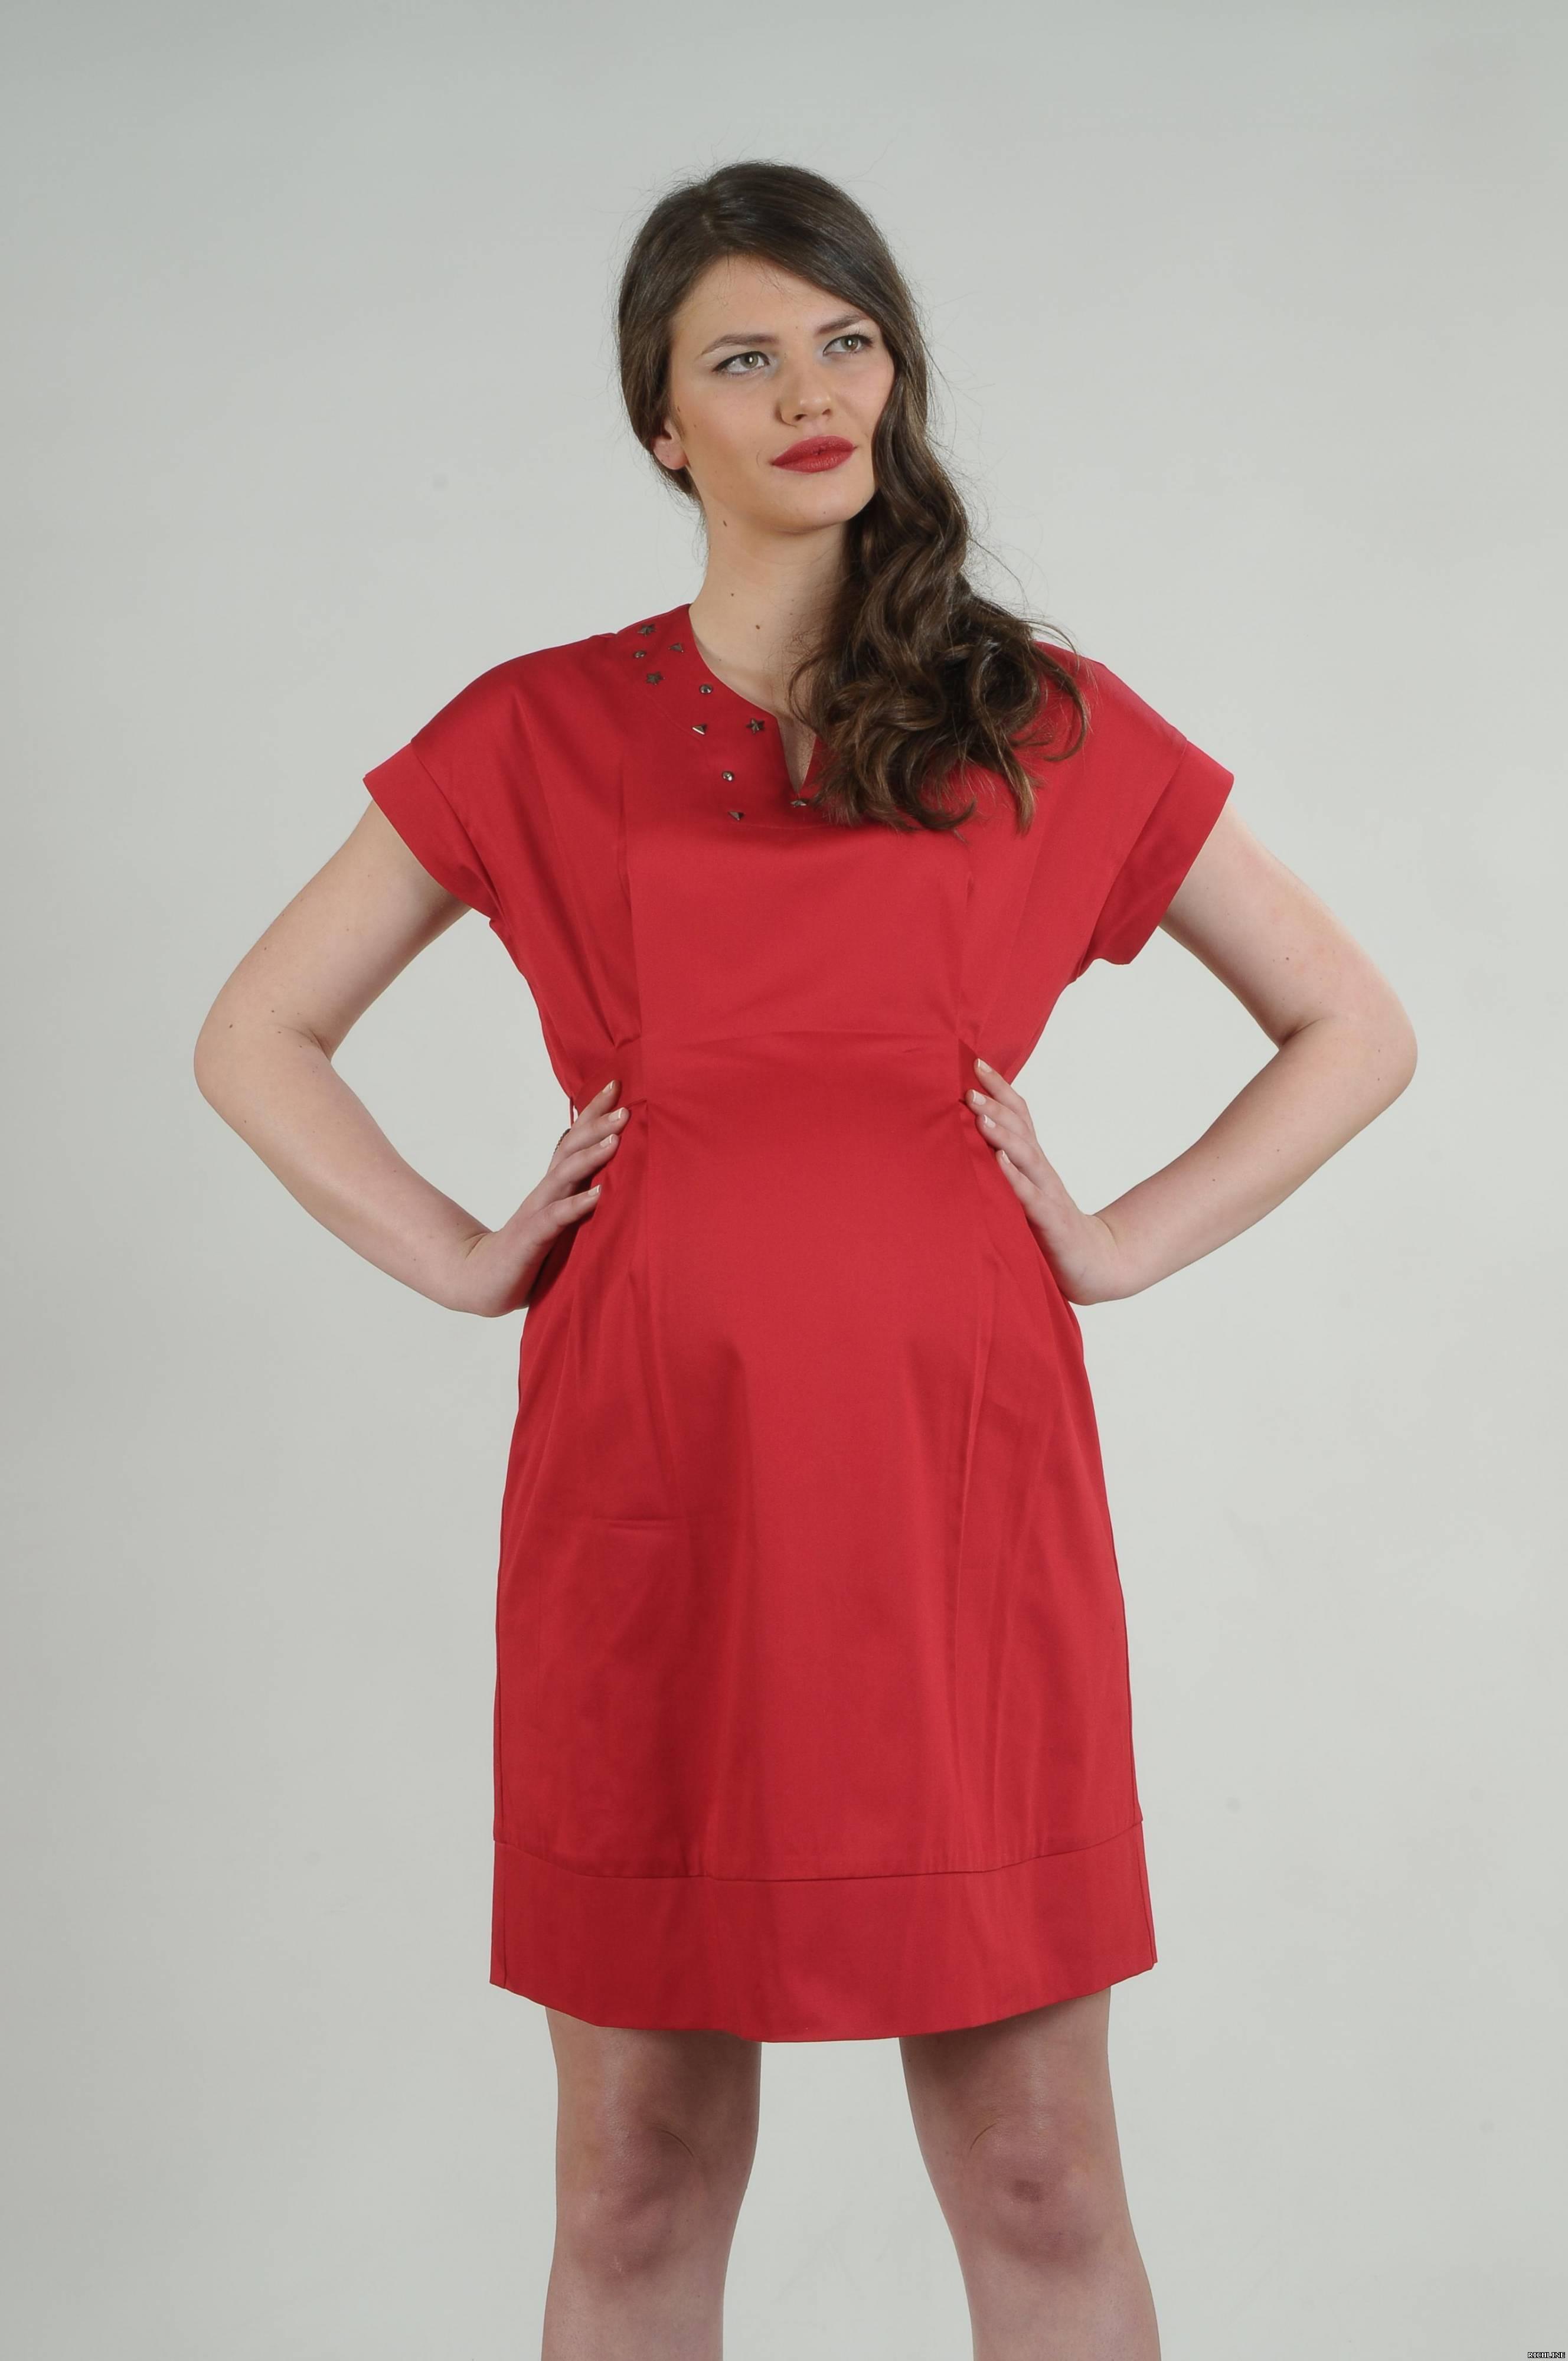 Модели платье для беременных фото